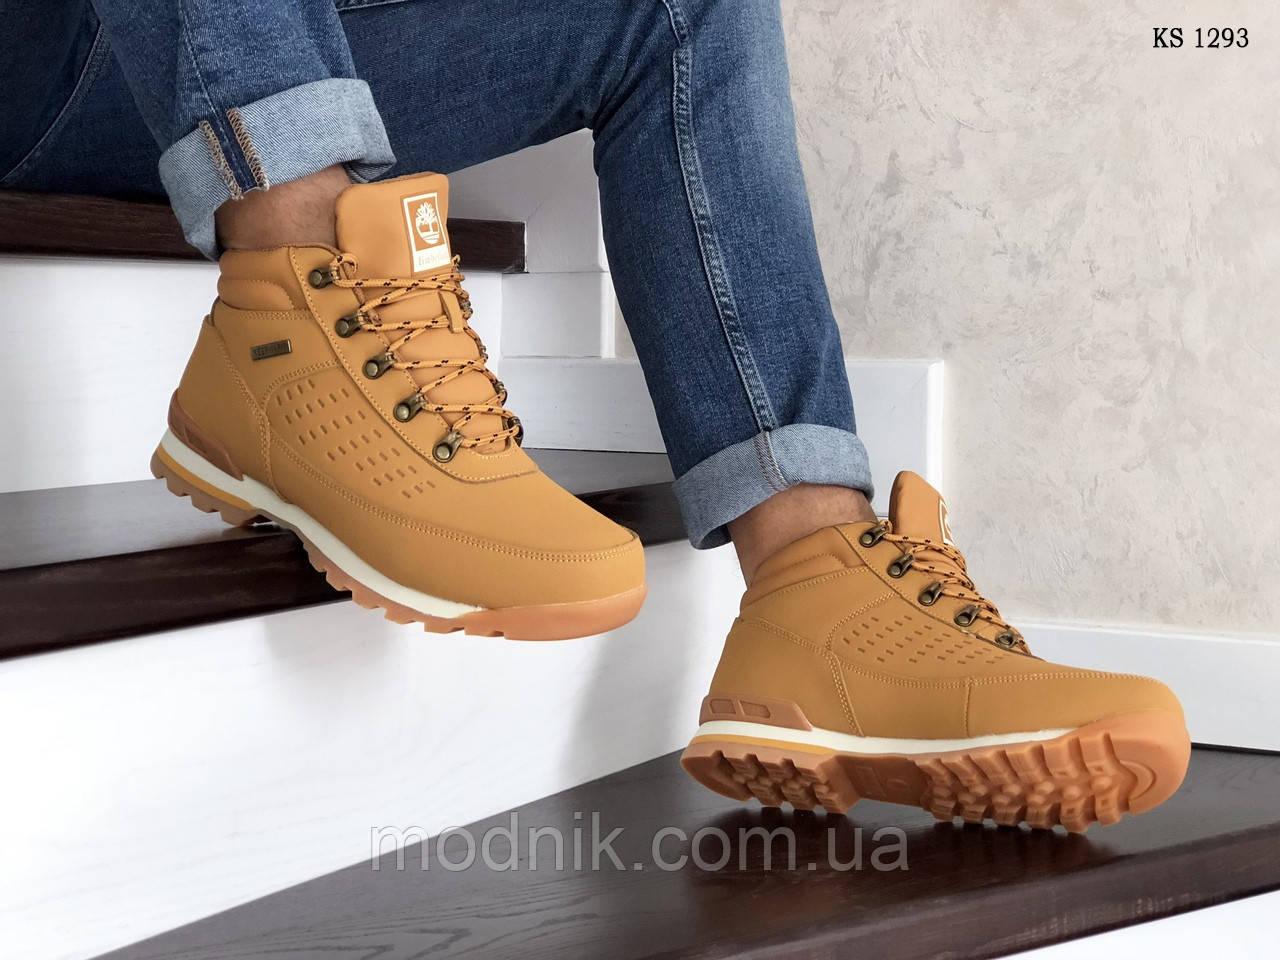 Мужские зимние ботинки Timberland (рыжие)